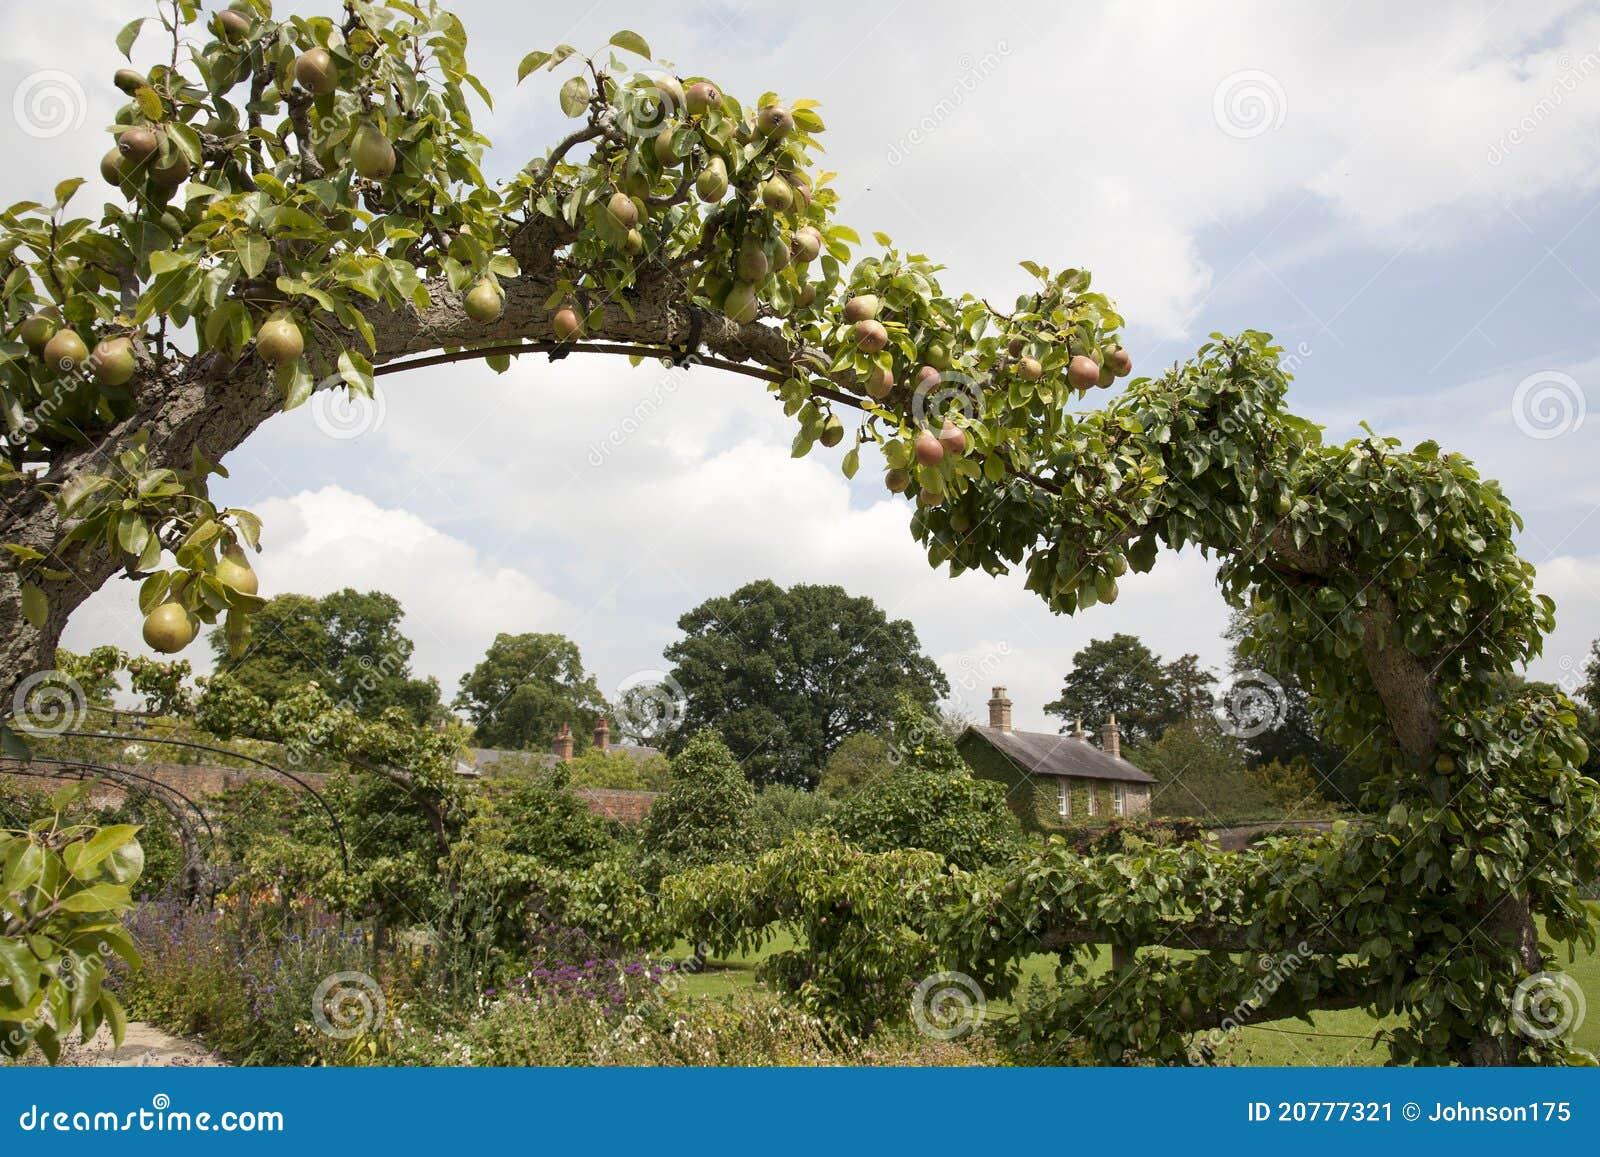 Pear Arch in Cottage Garden